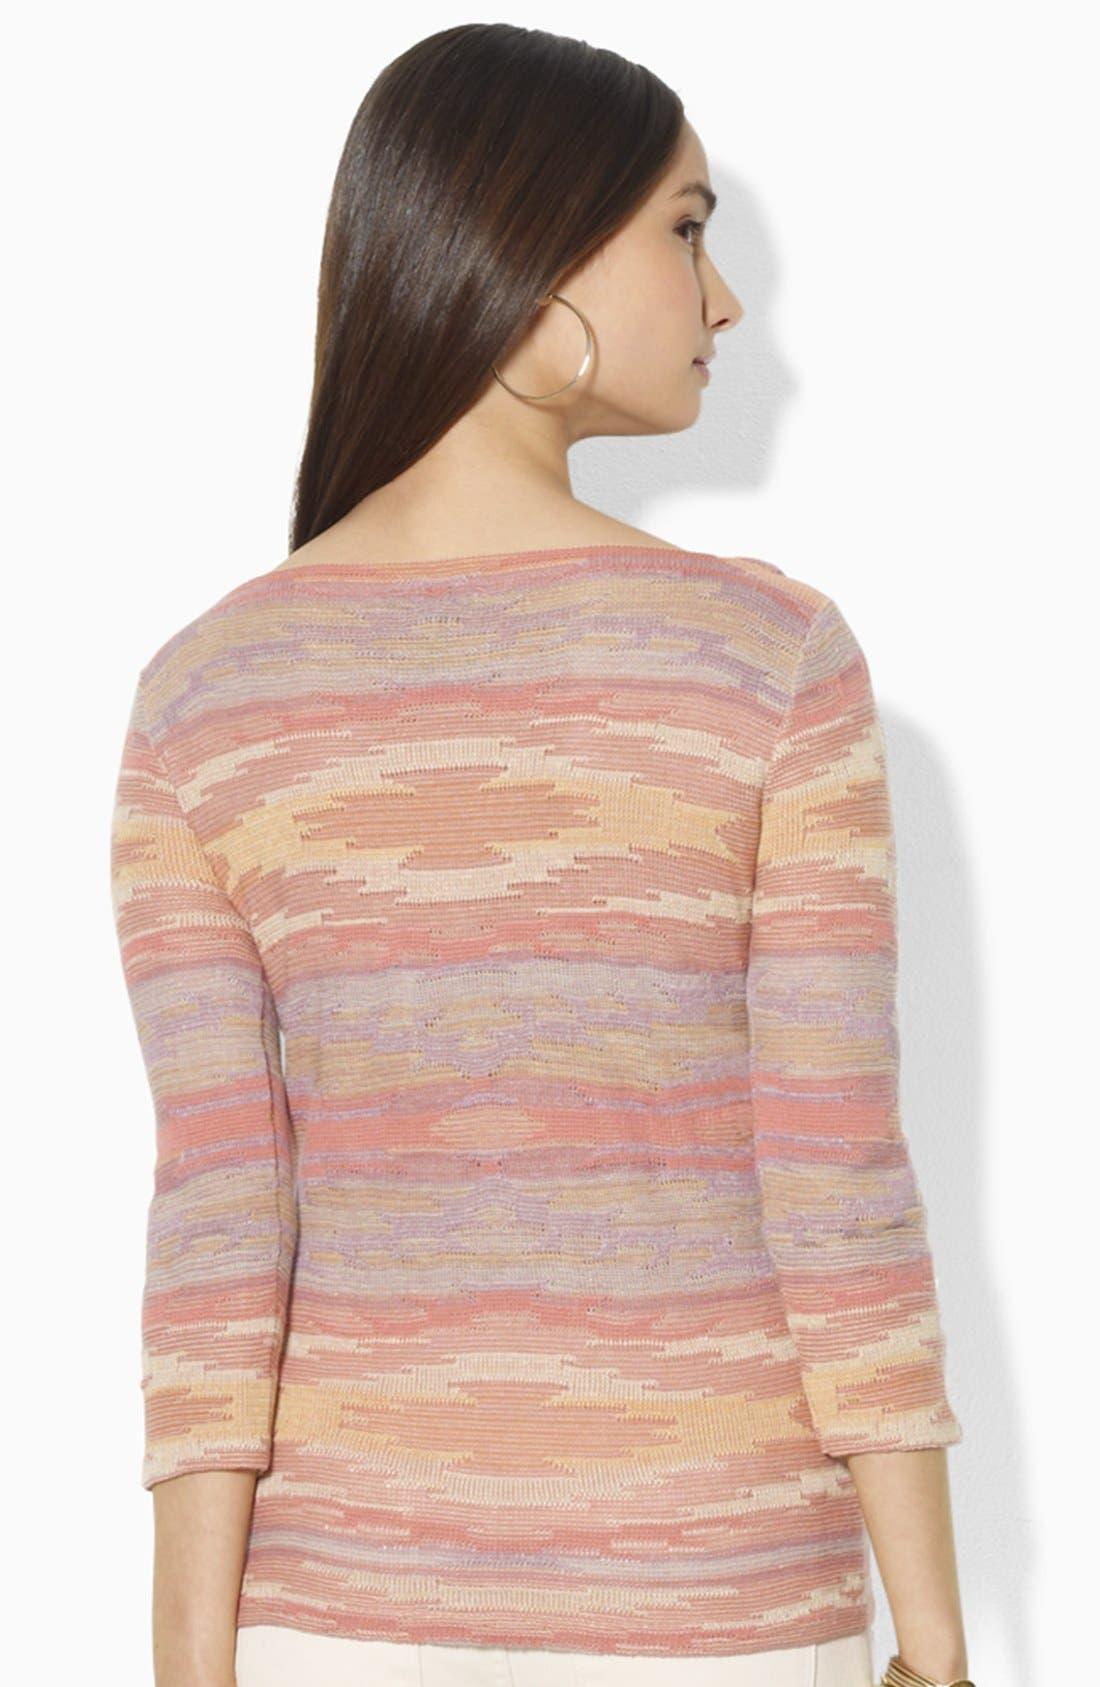 Alternate Image 2  - Lauren Ralph Lauren Bateau Neck Top (Petite) (Online Only)